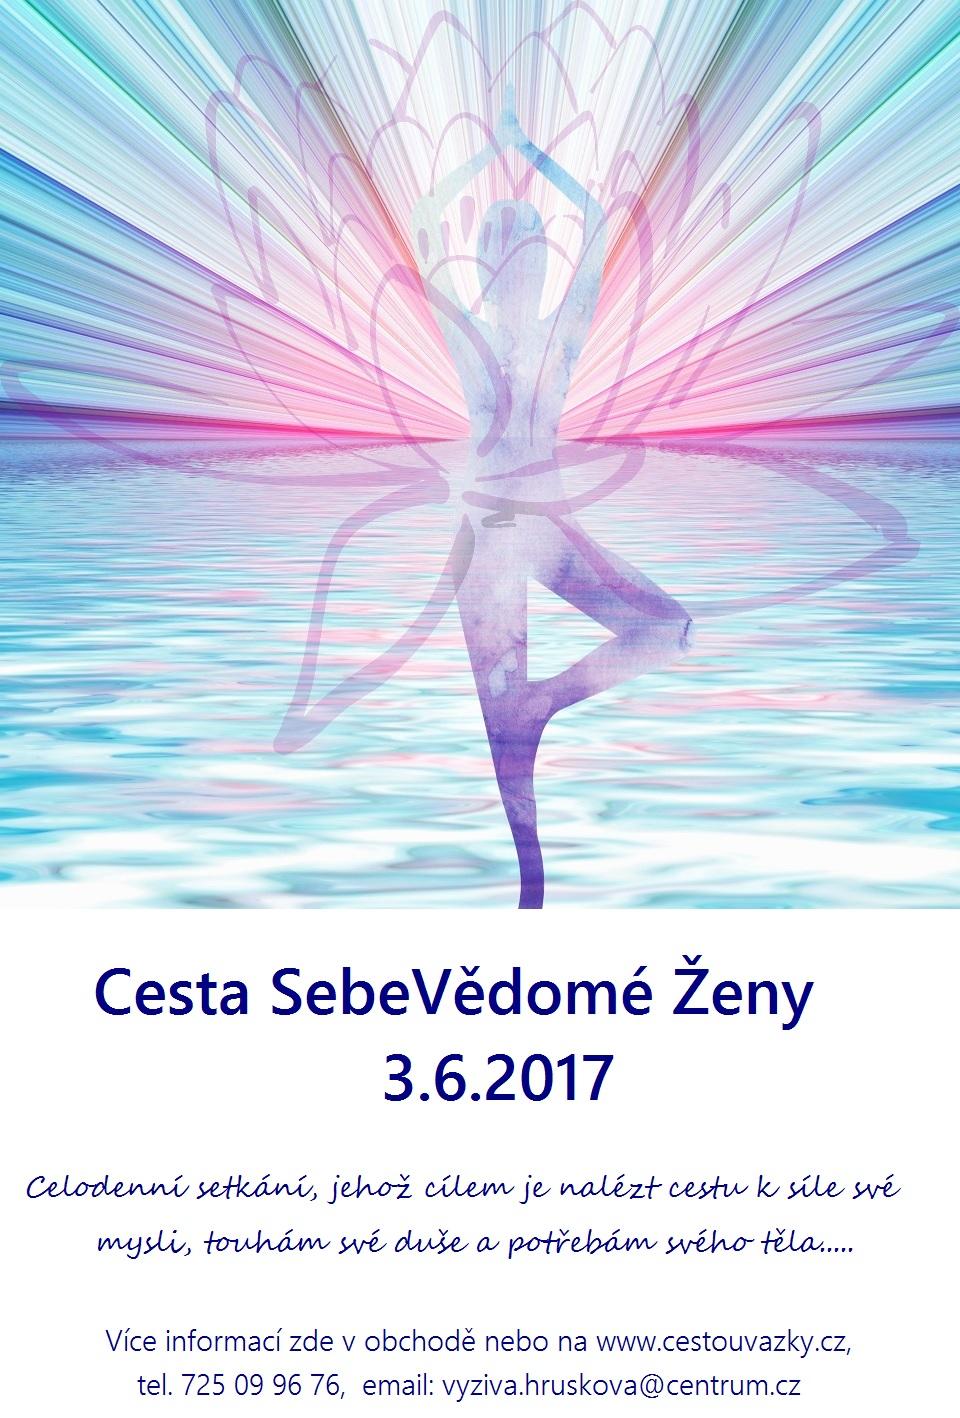 Hrušková Vladěna, 3.6.2017, Cesta SebeVědomé ženy